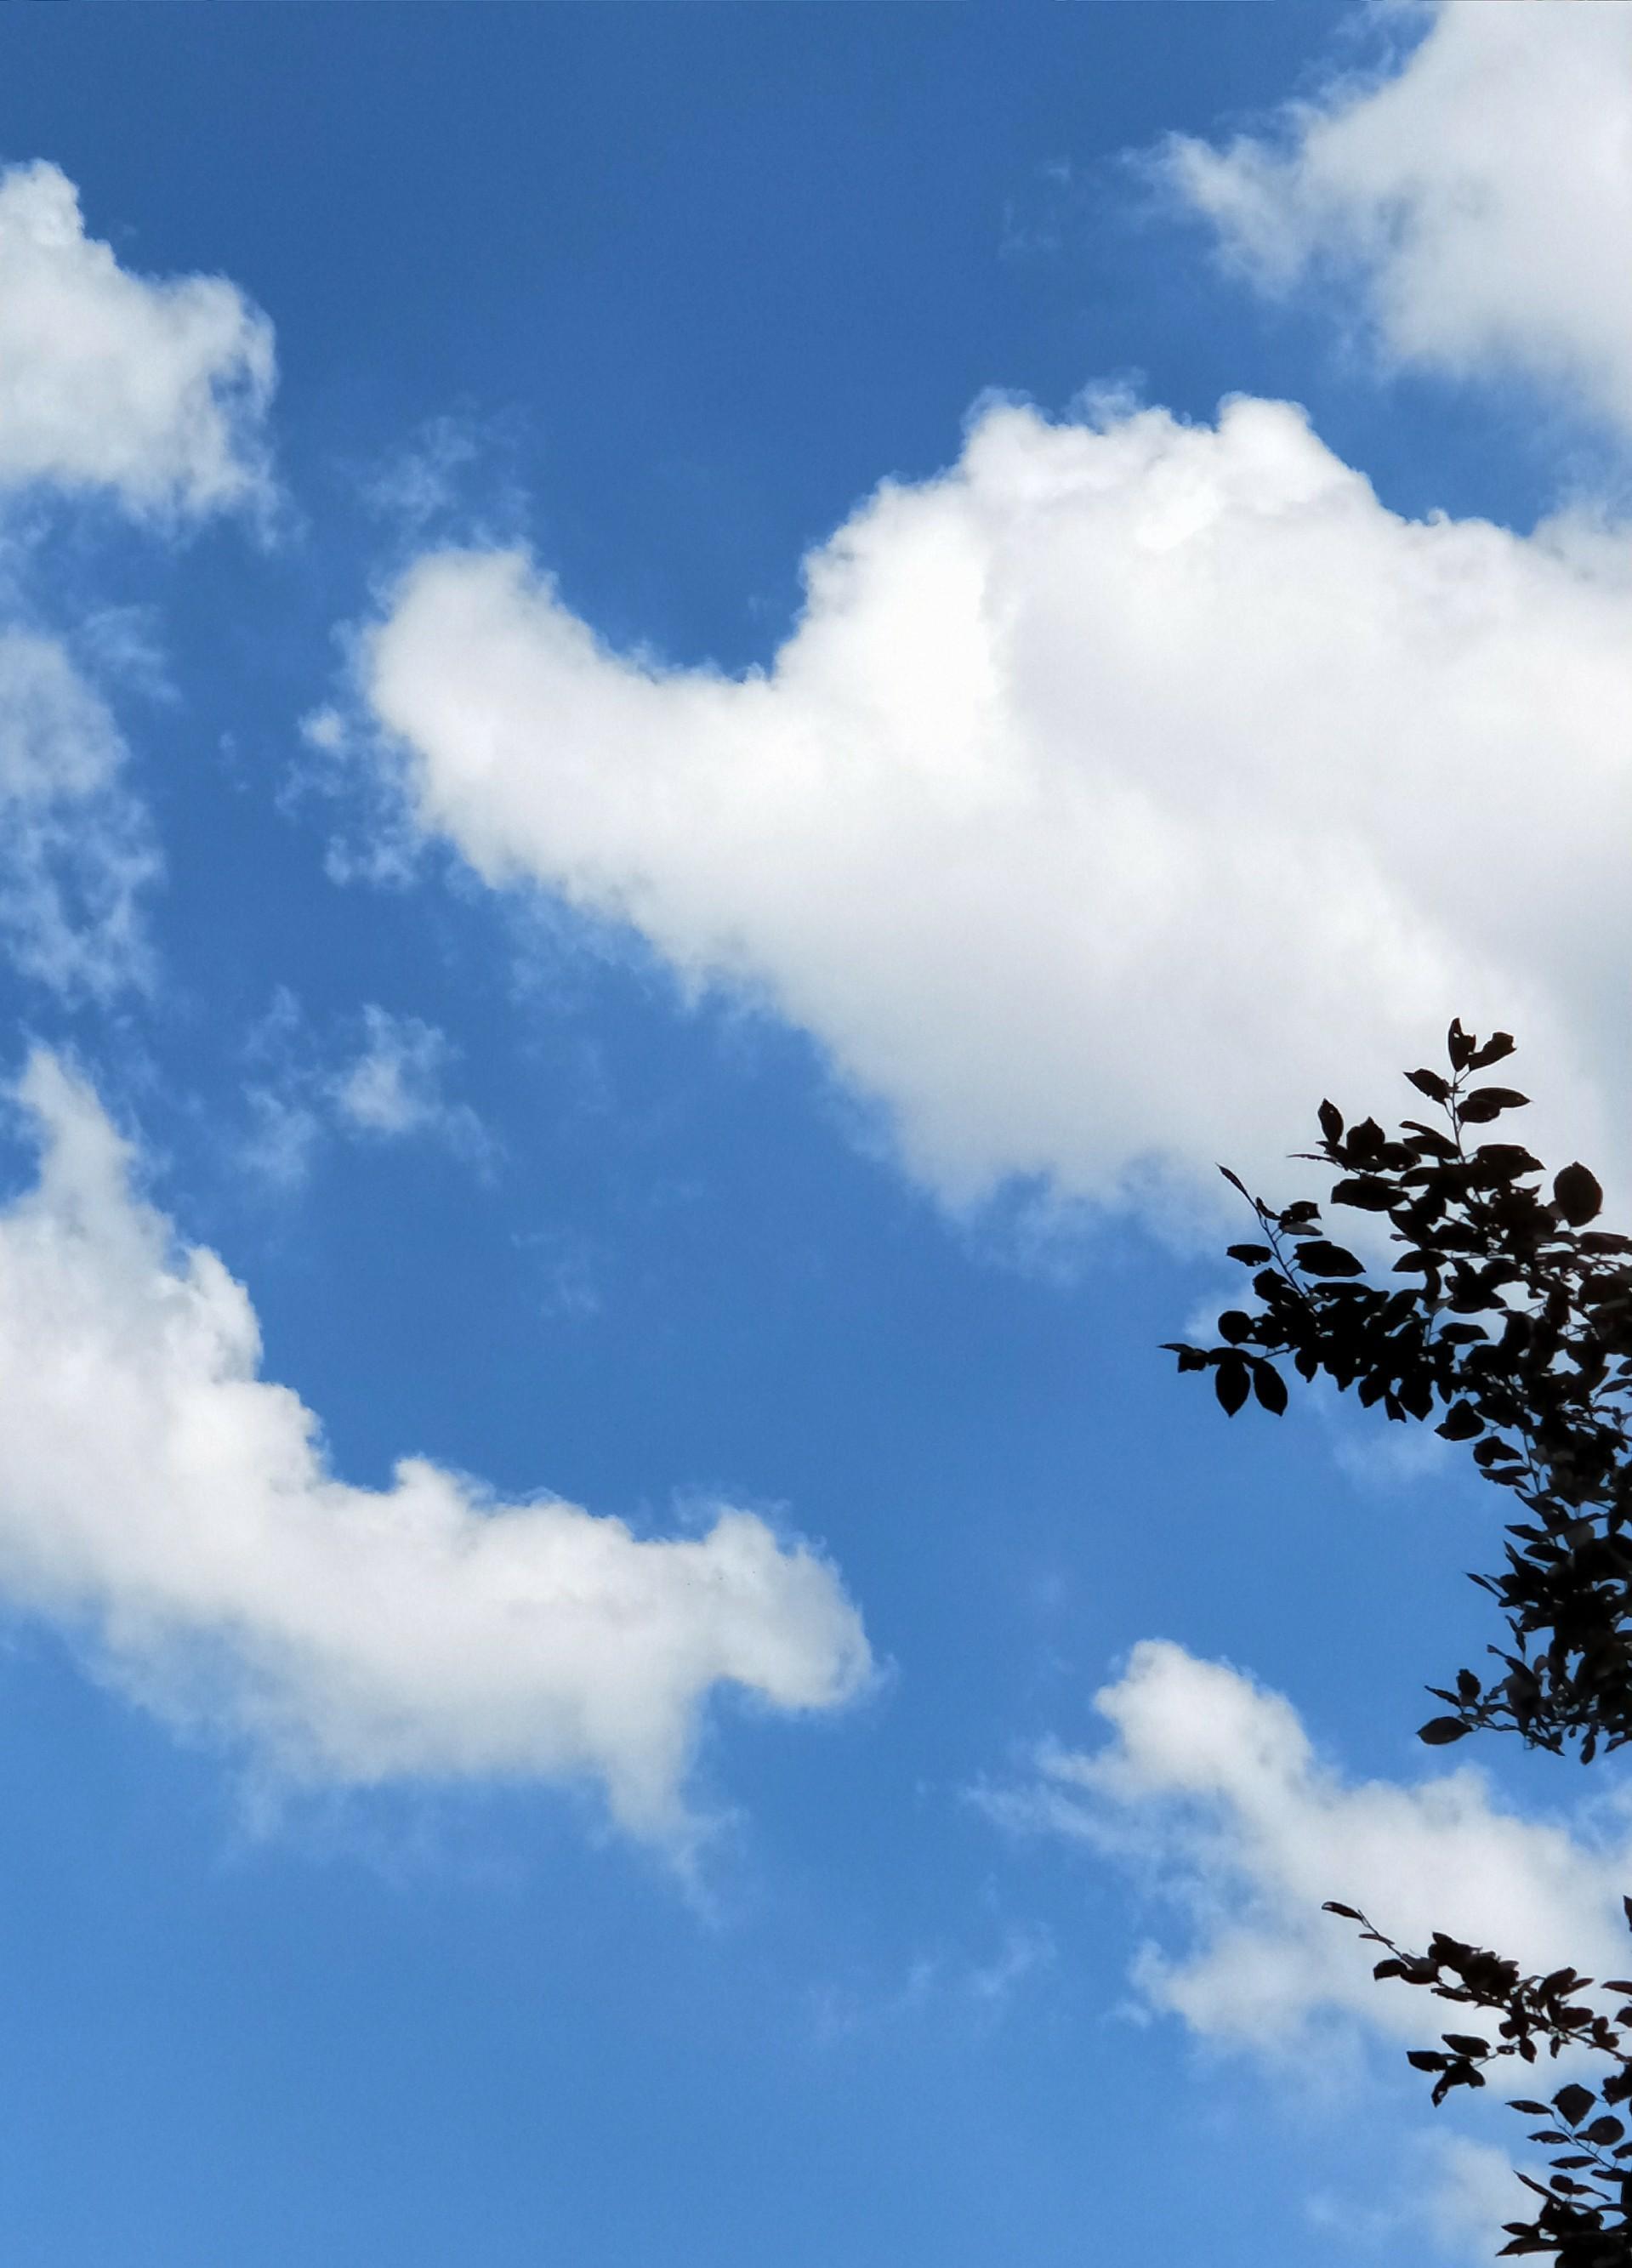 背景 壁纸 风景 天空 桌面 1919_2743 竖版 竖屏 手机